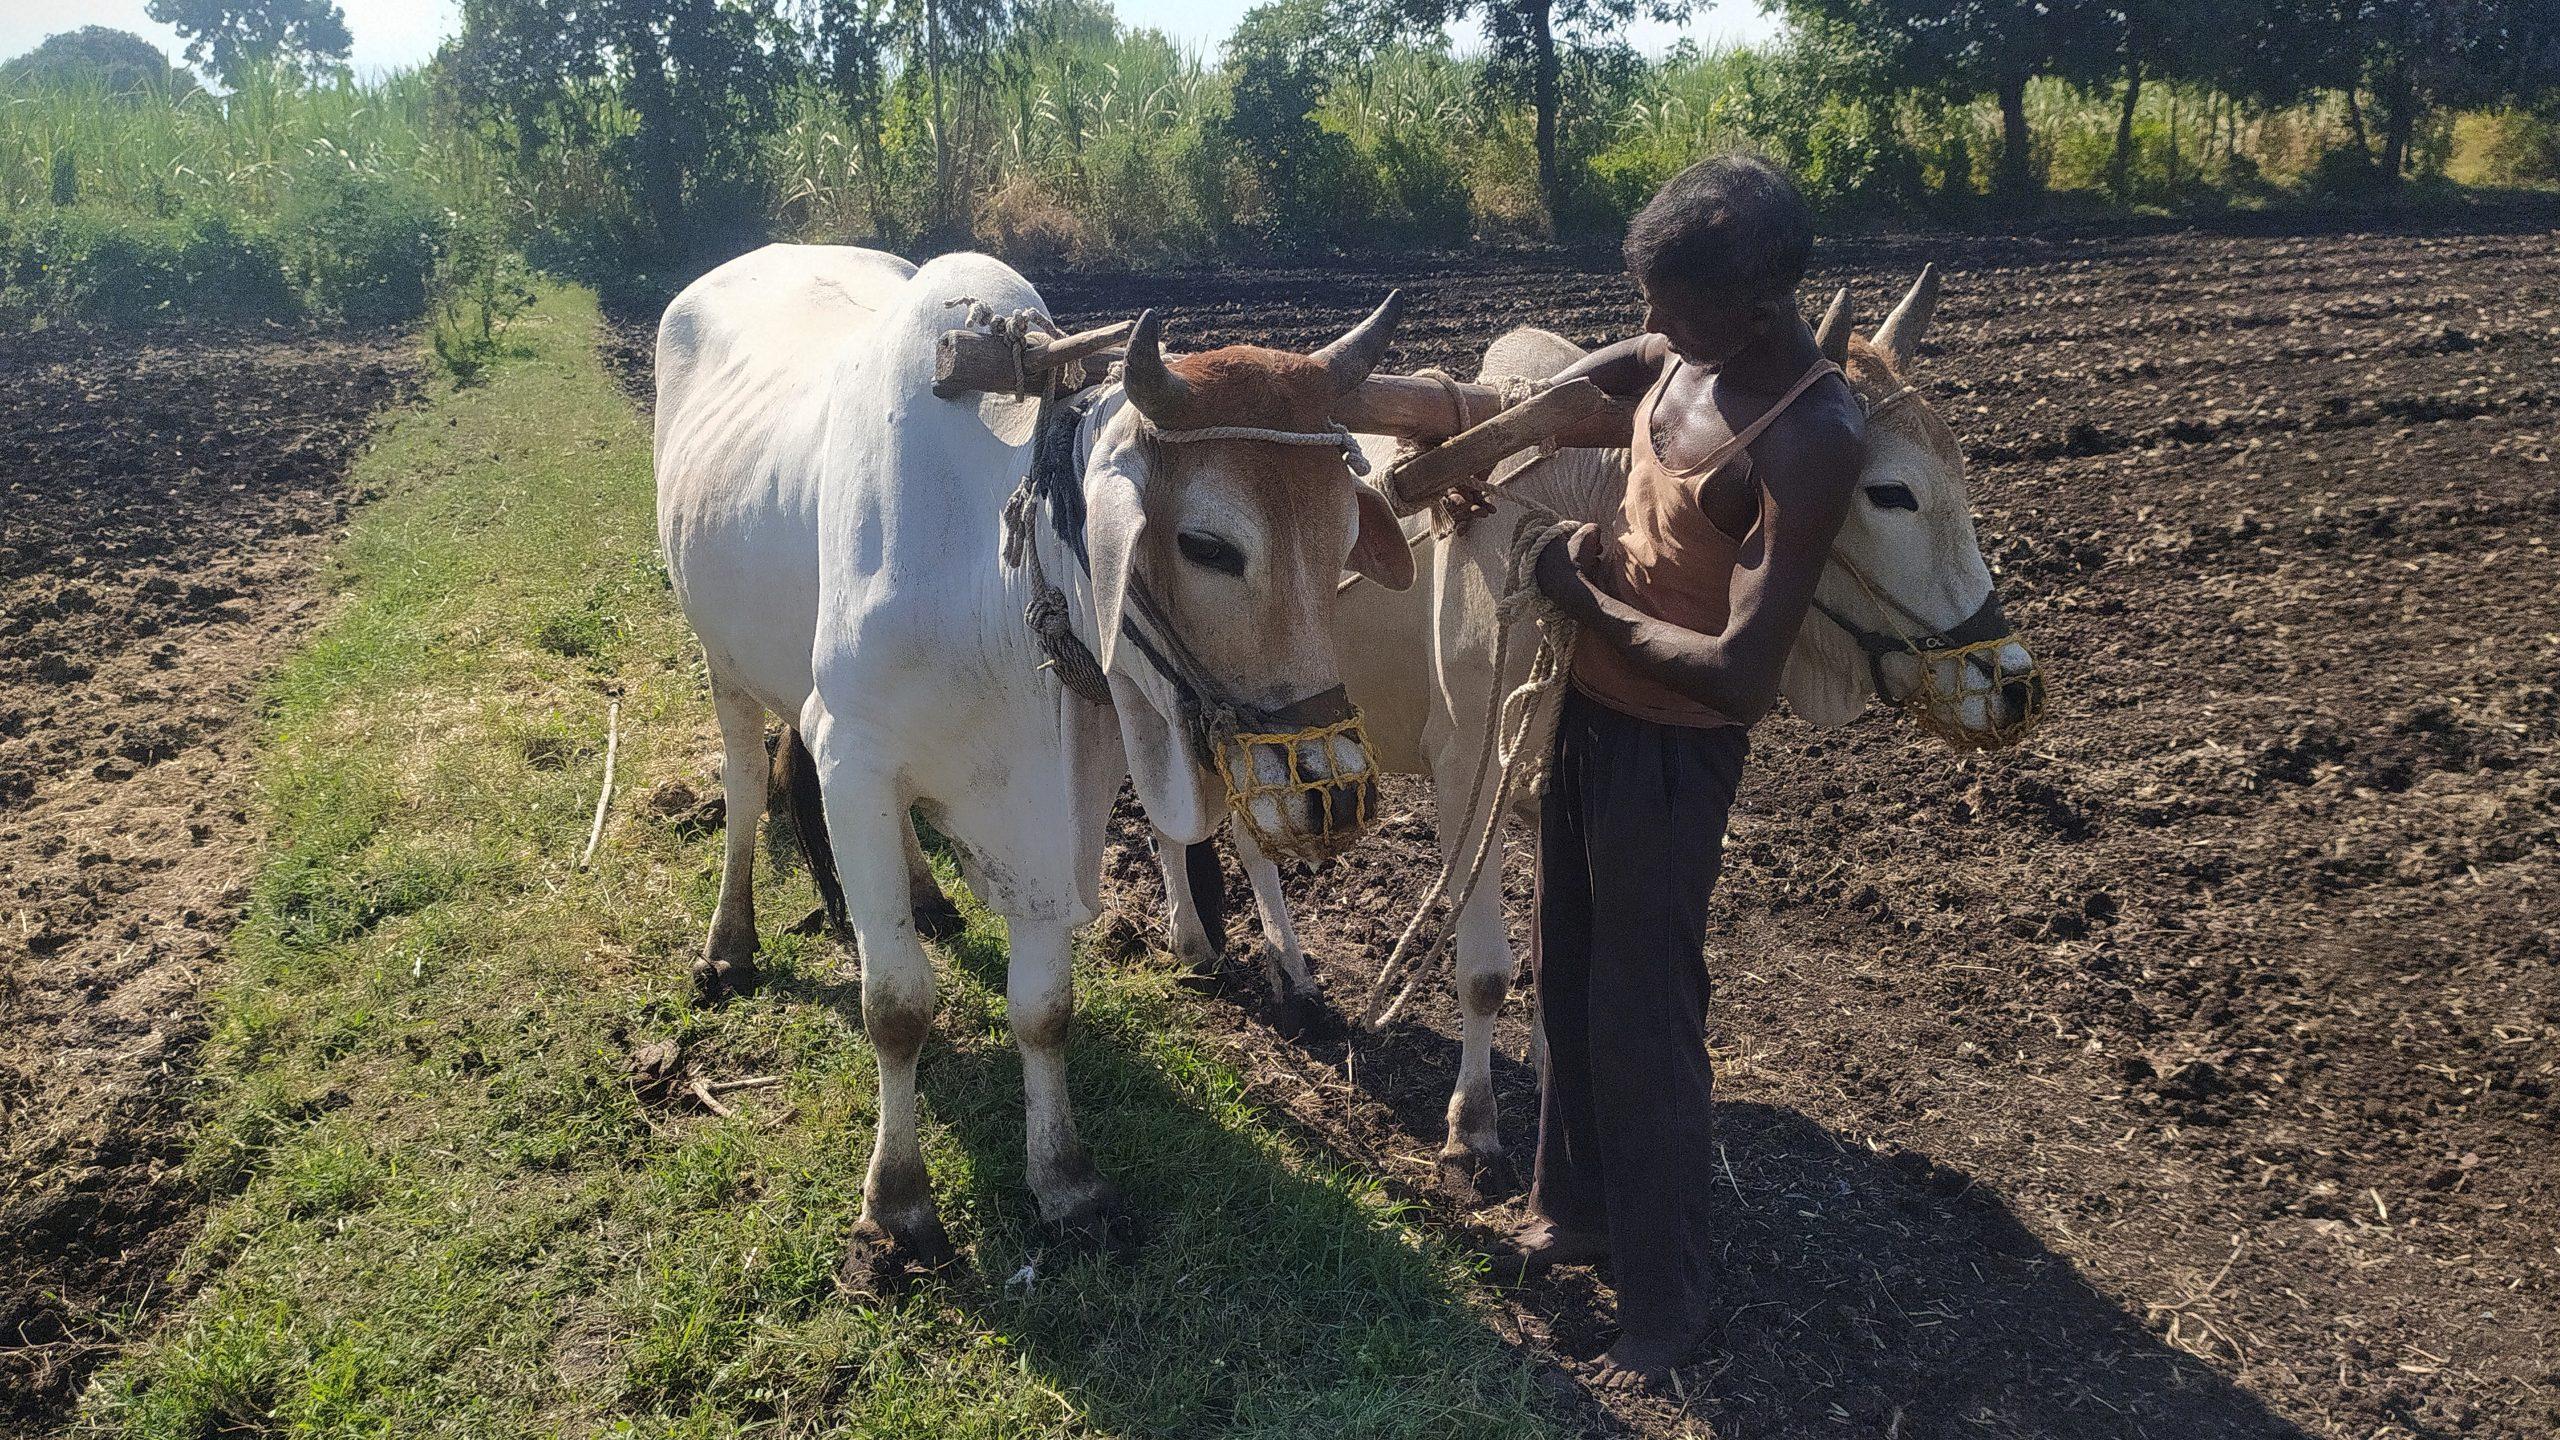 A farmer with oxen